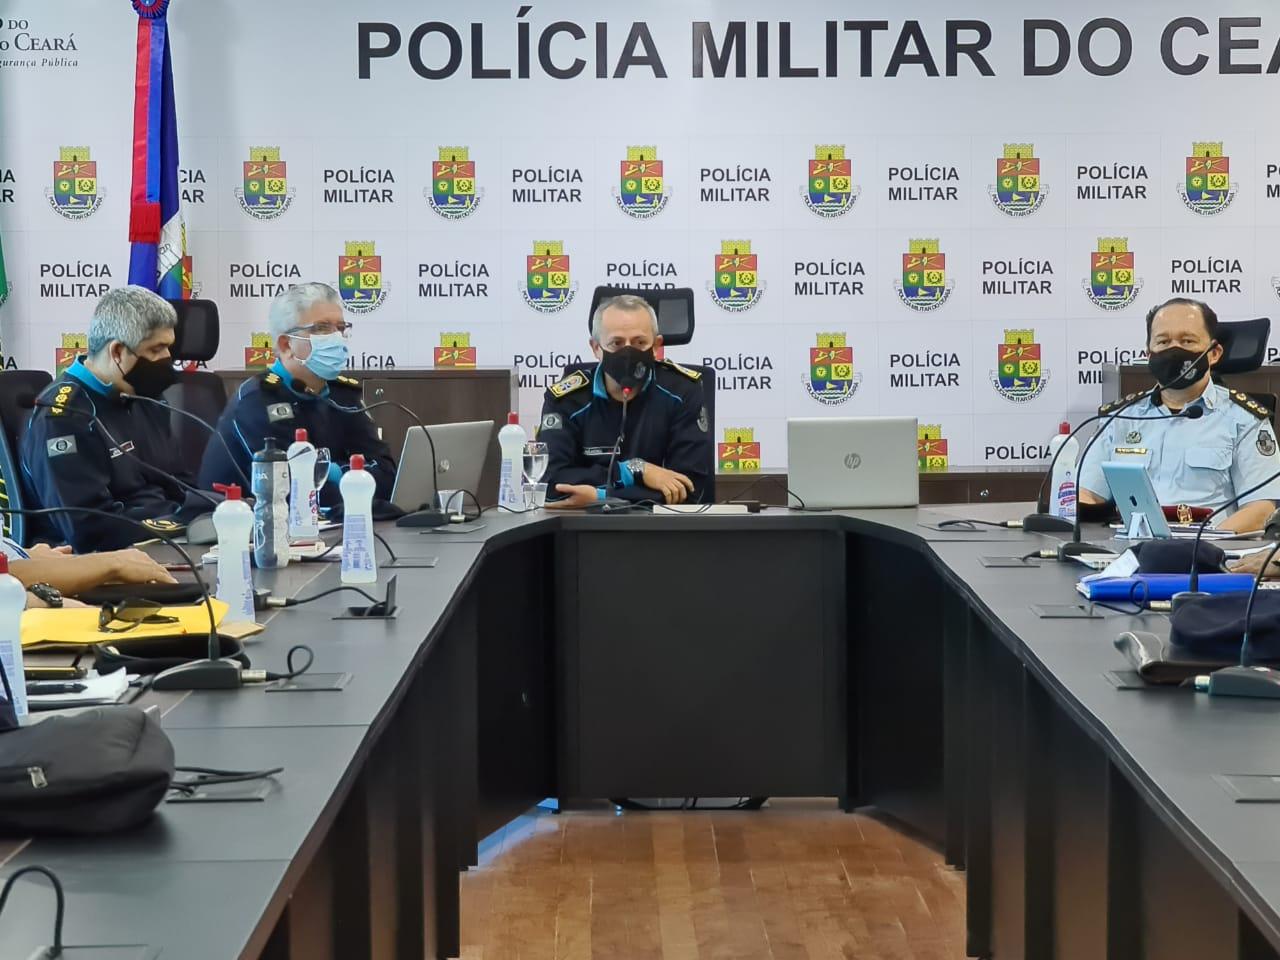 Polícia Militar do Ceará apresenta planejamento da Operação Eleição 2020